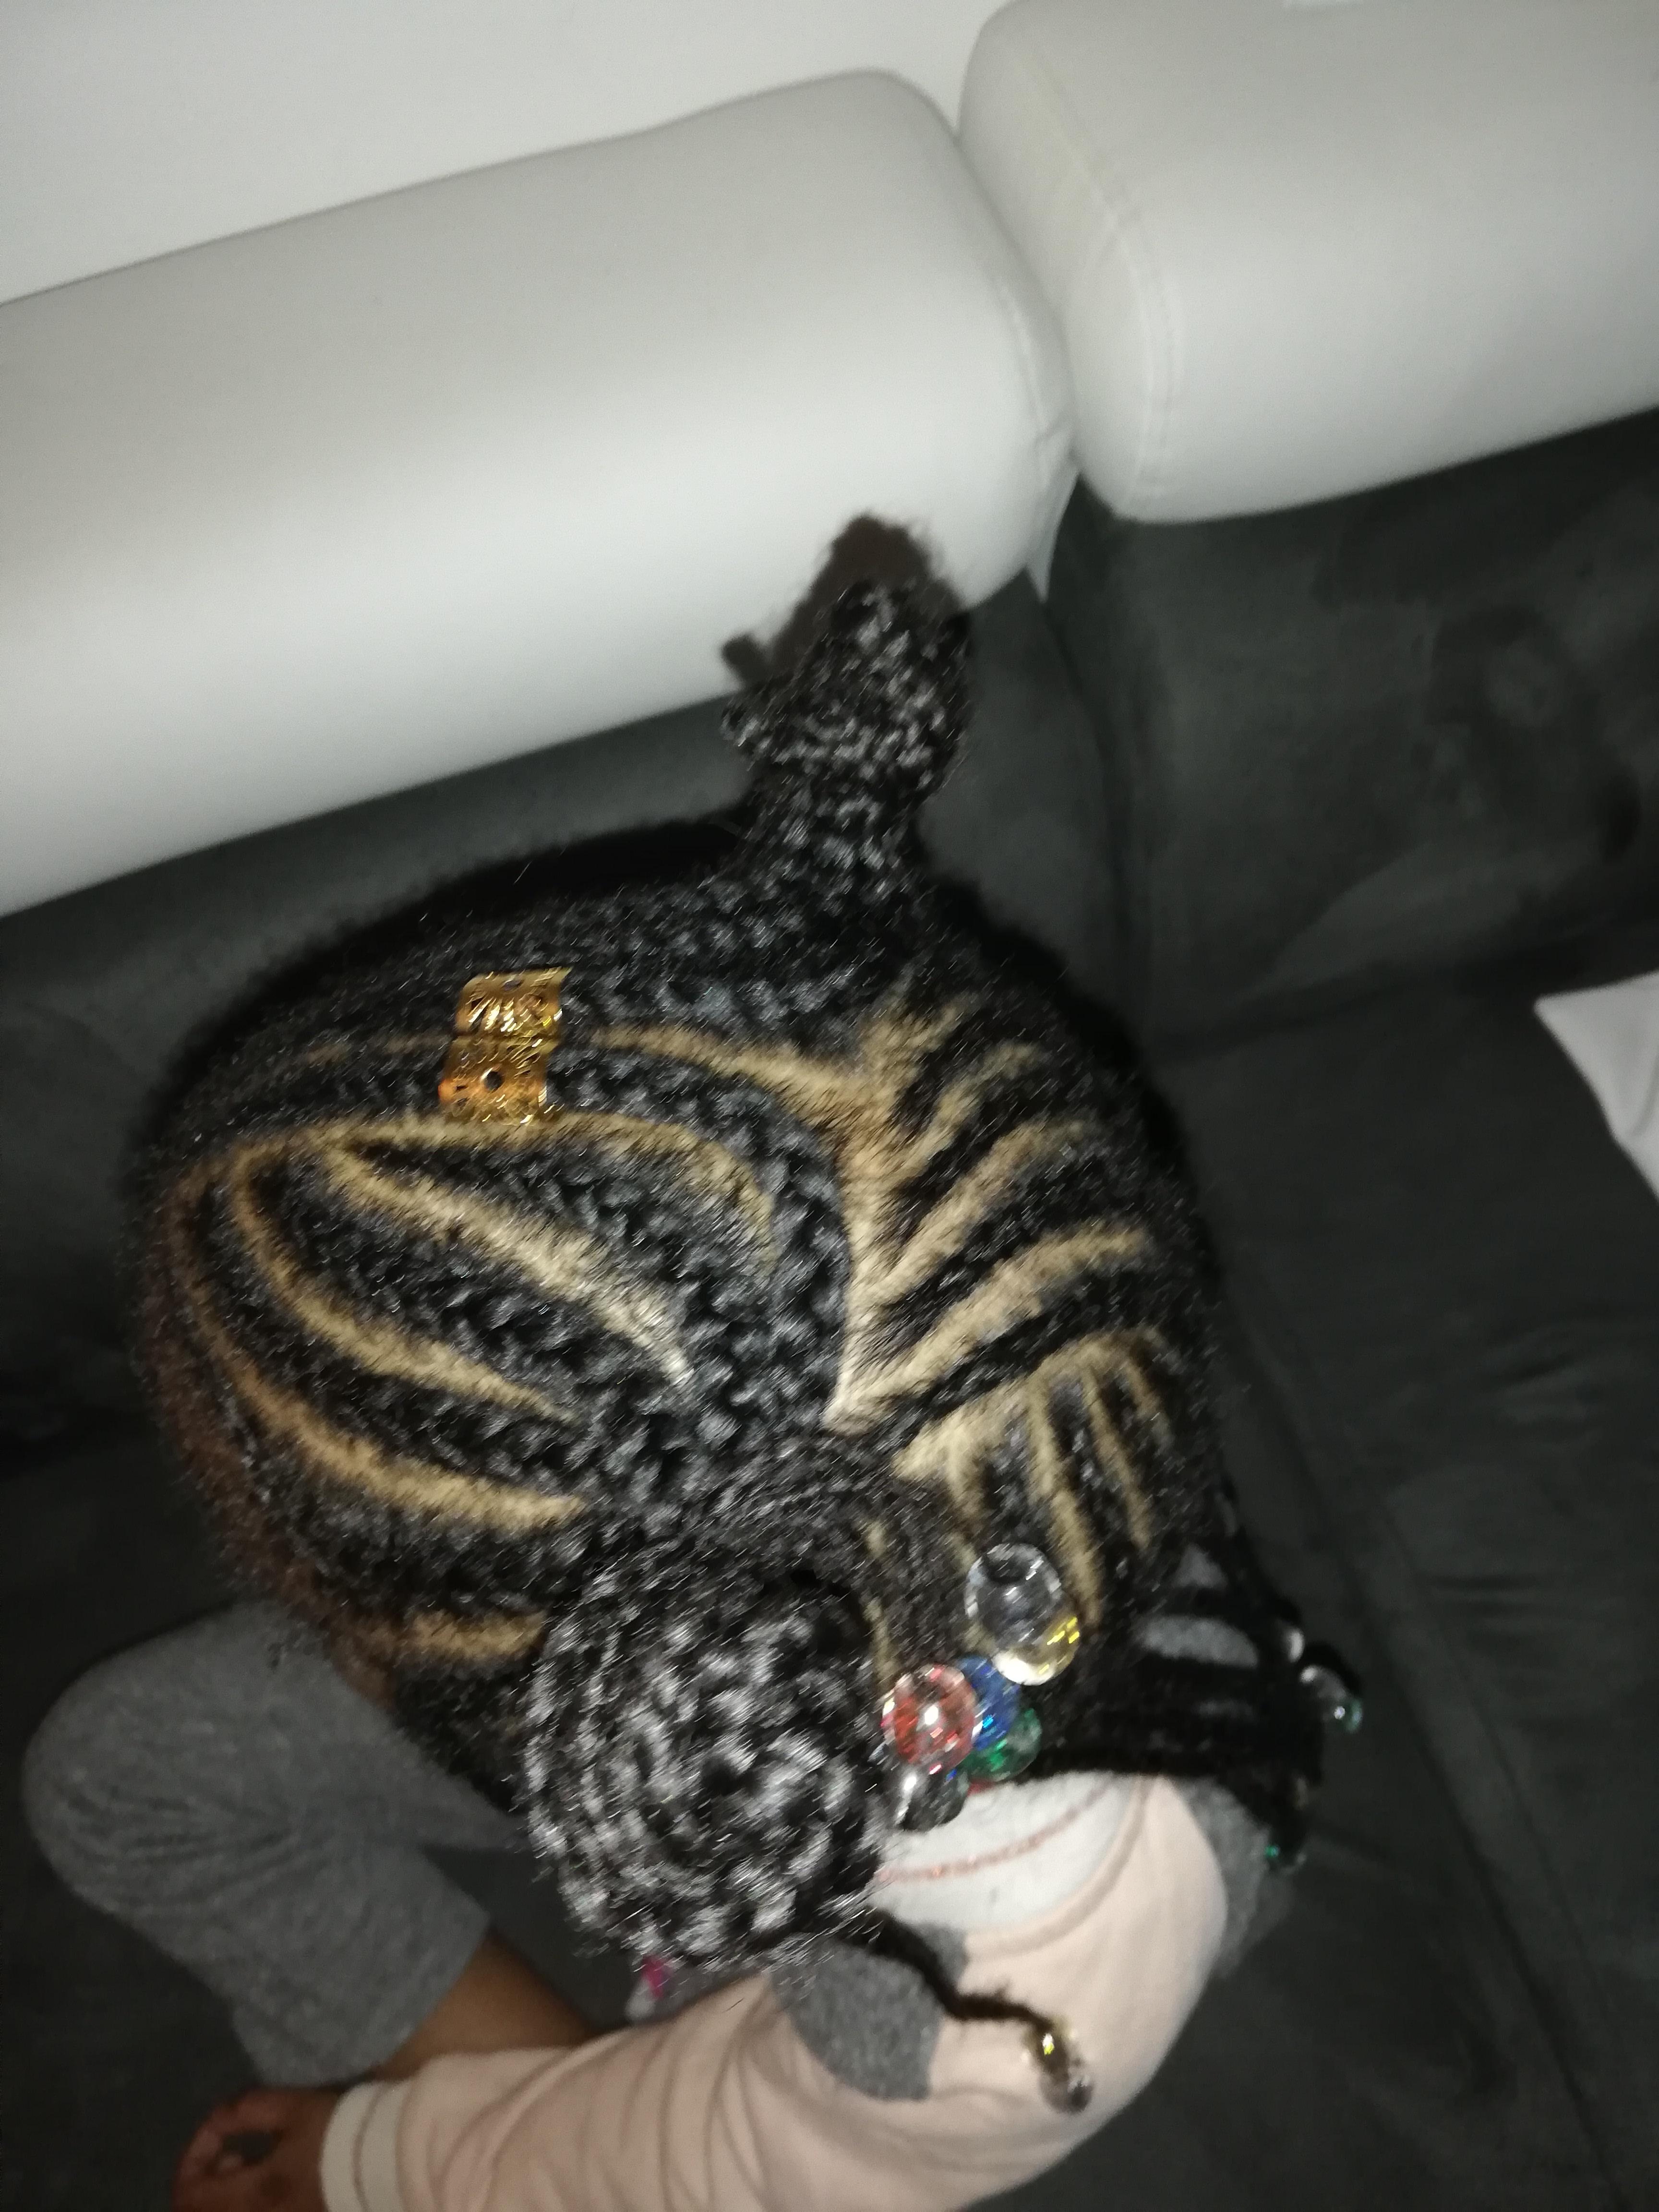 salon de coiffure afro tresse tresses box braids crochet braids vanilles tissages paris 75 77 78 91 92 93 94 95 OUEKZLLG